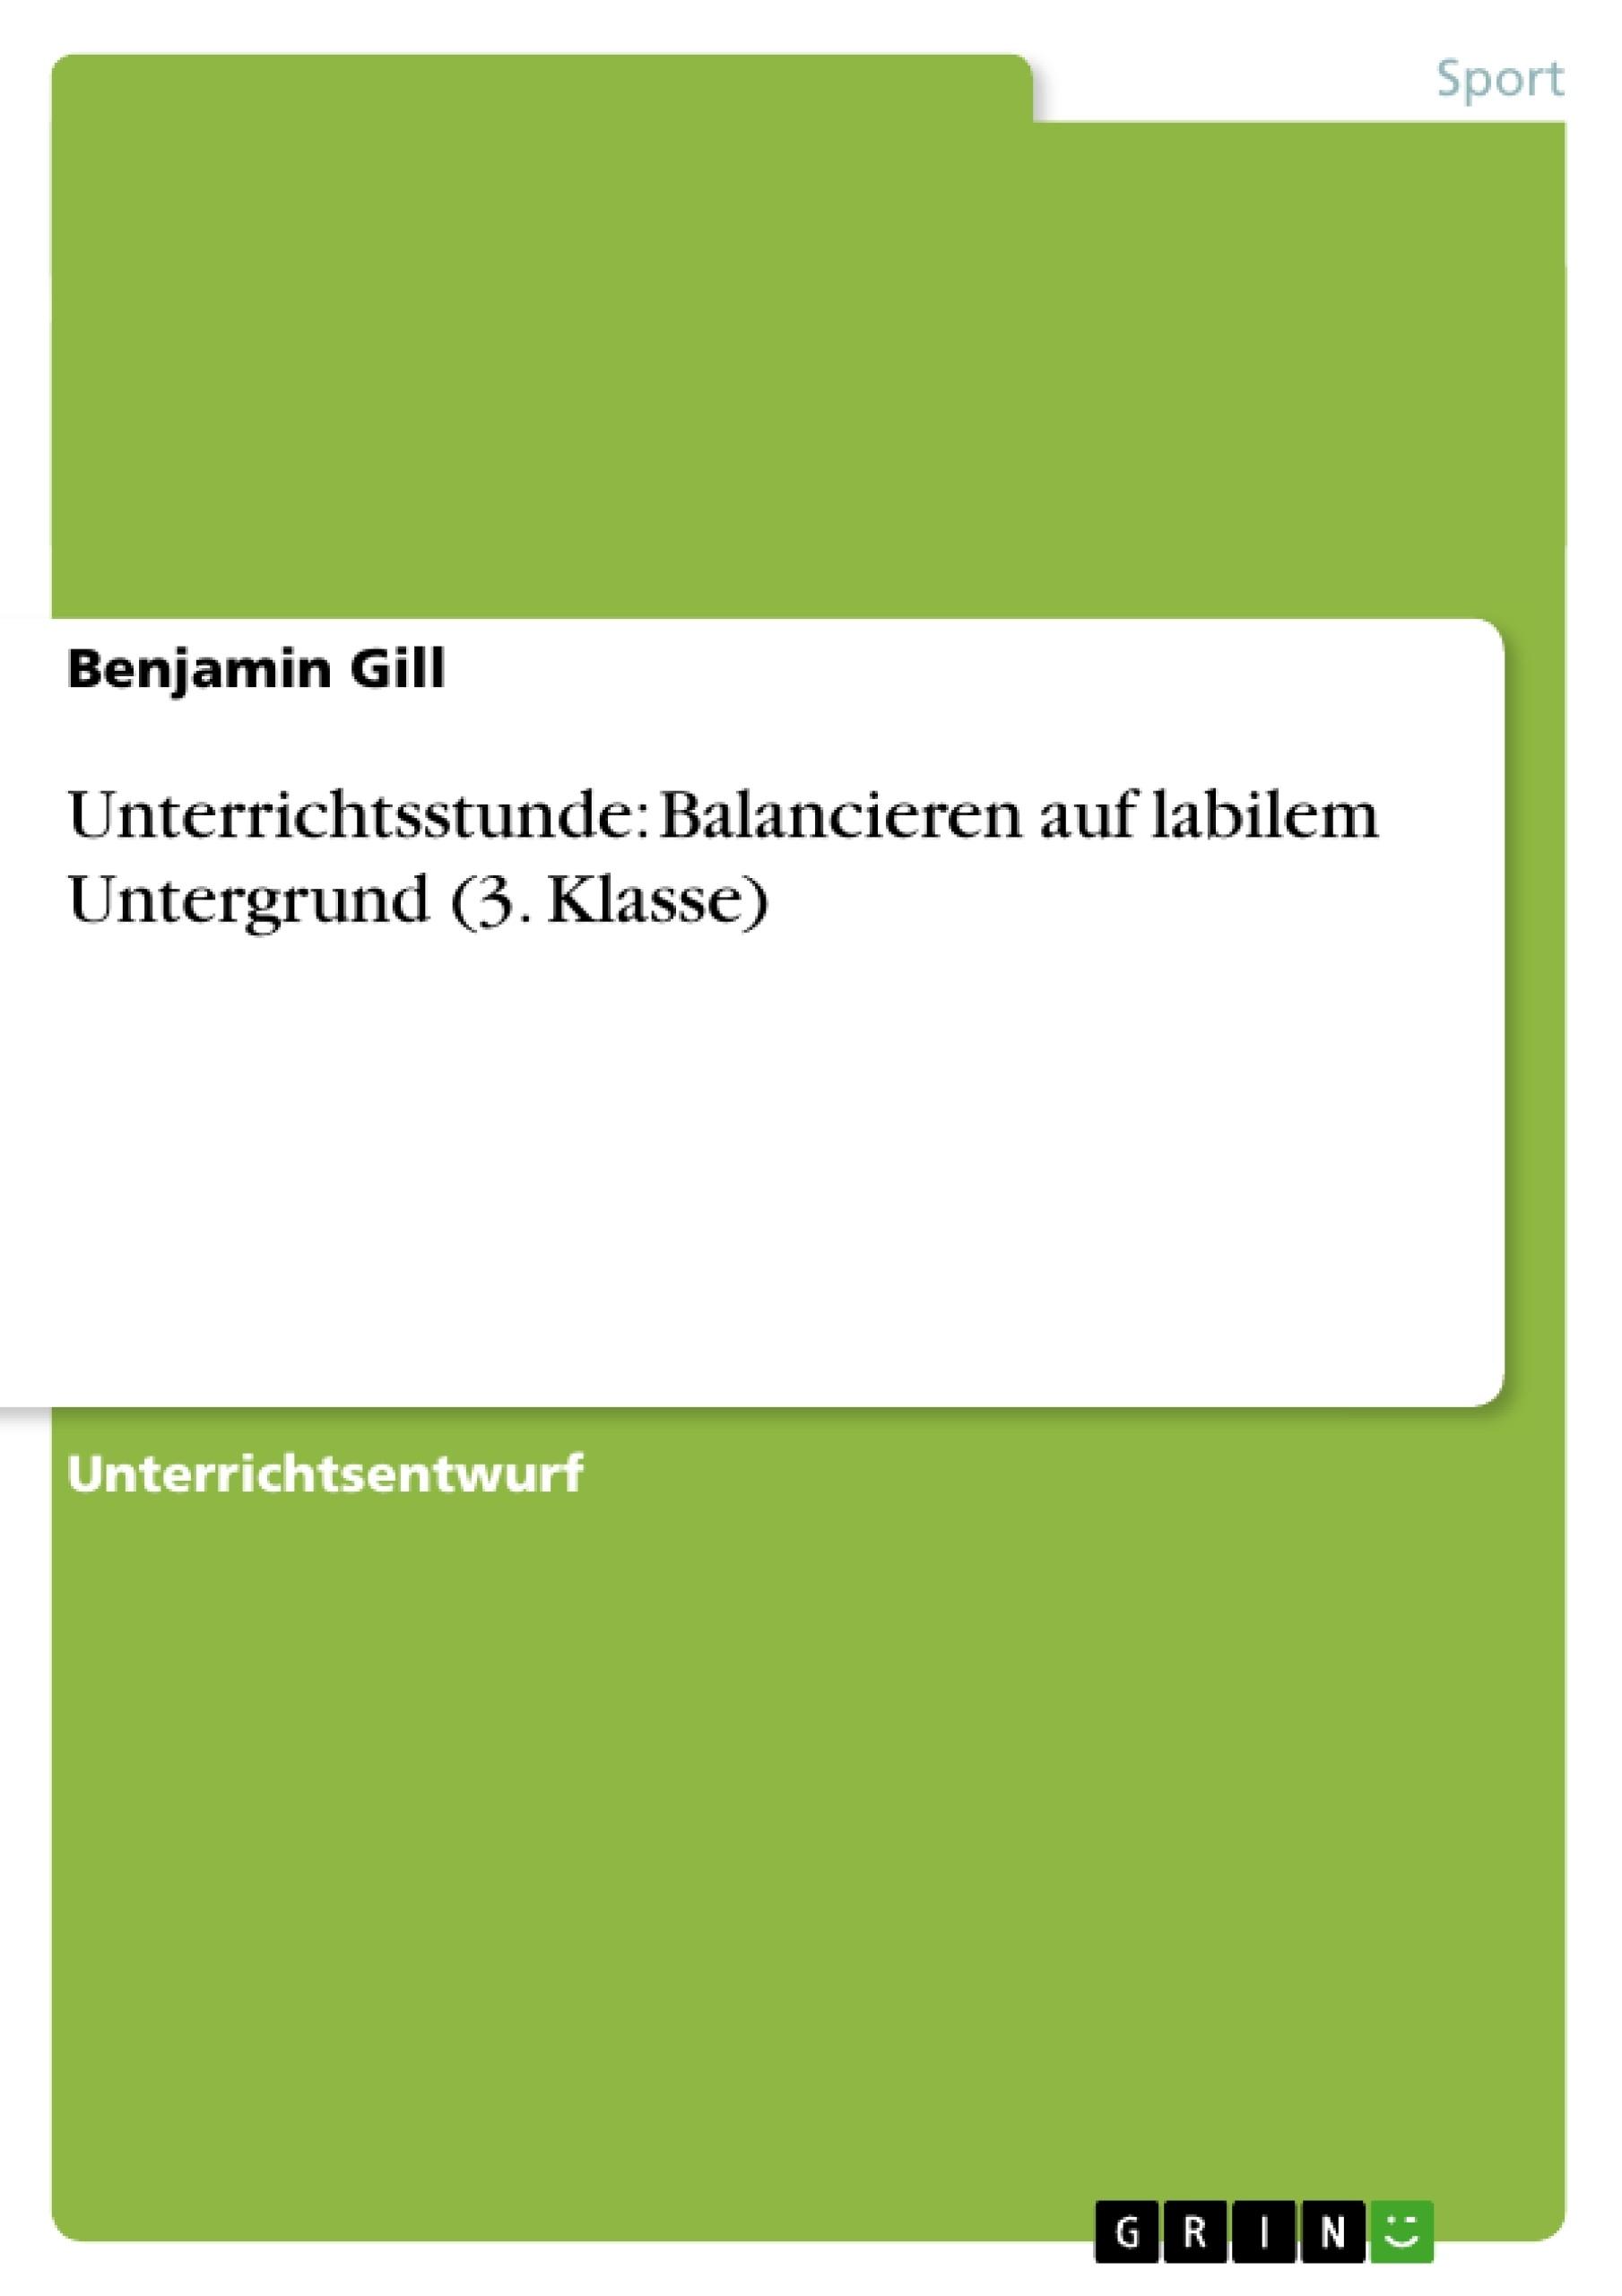 Titel: Unterrichtsstunde: Balancieren auf labilem Untergrund (3. Klasse)